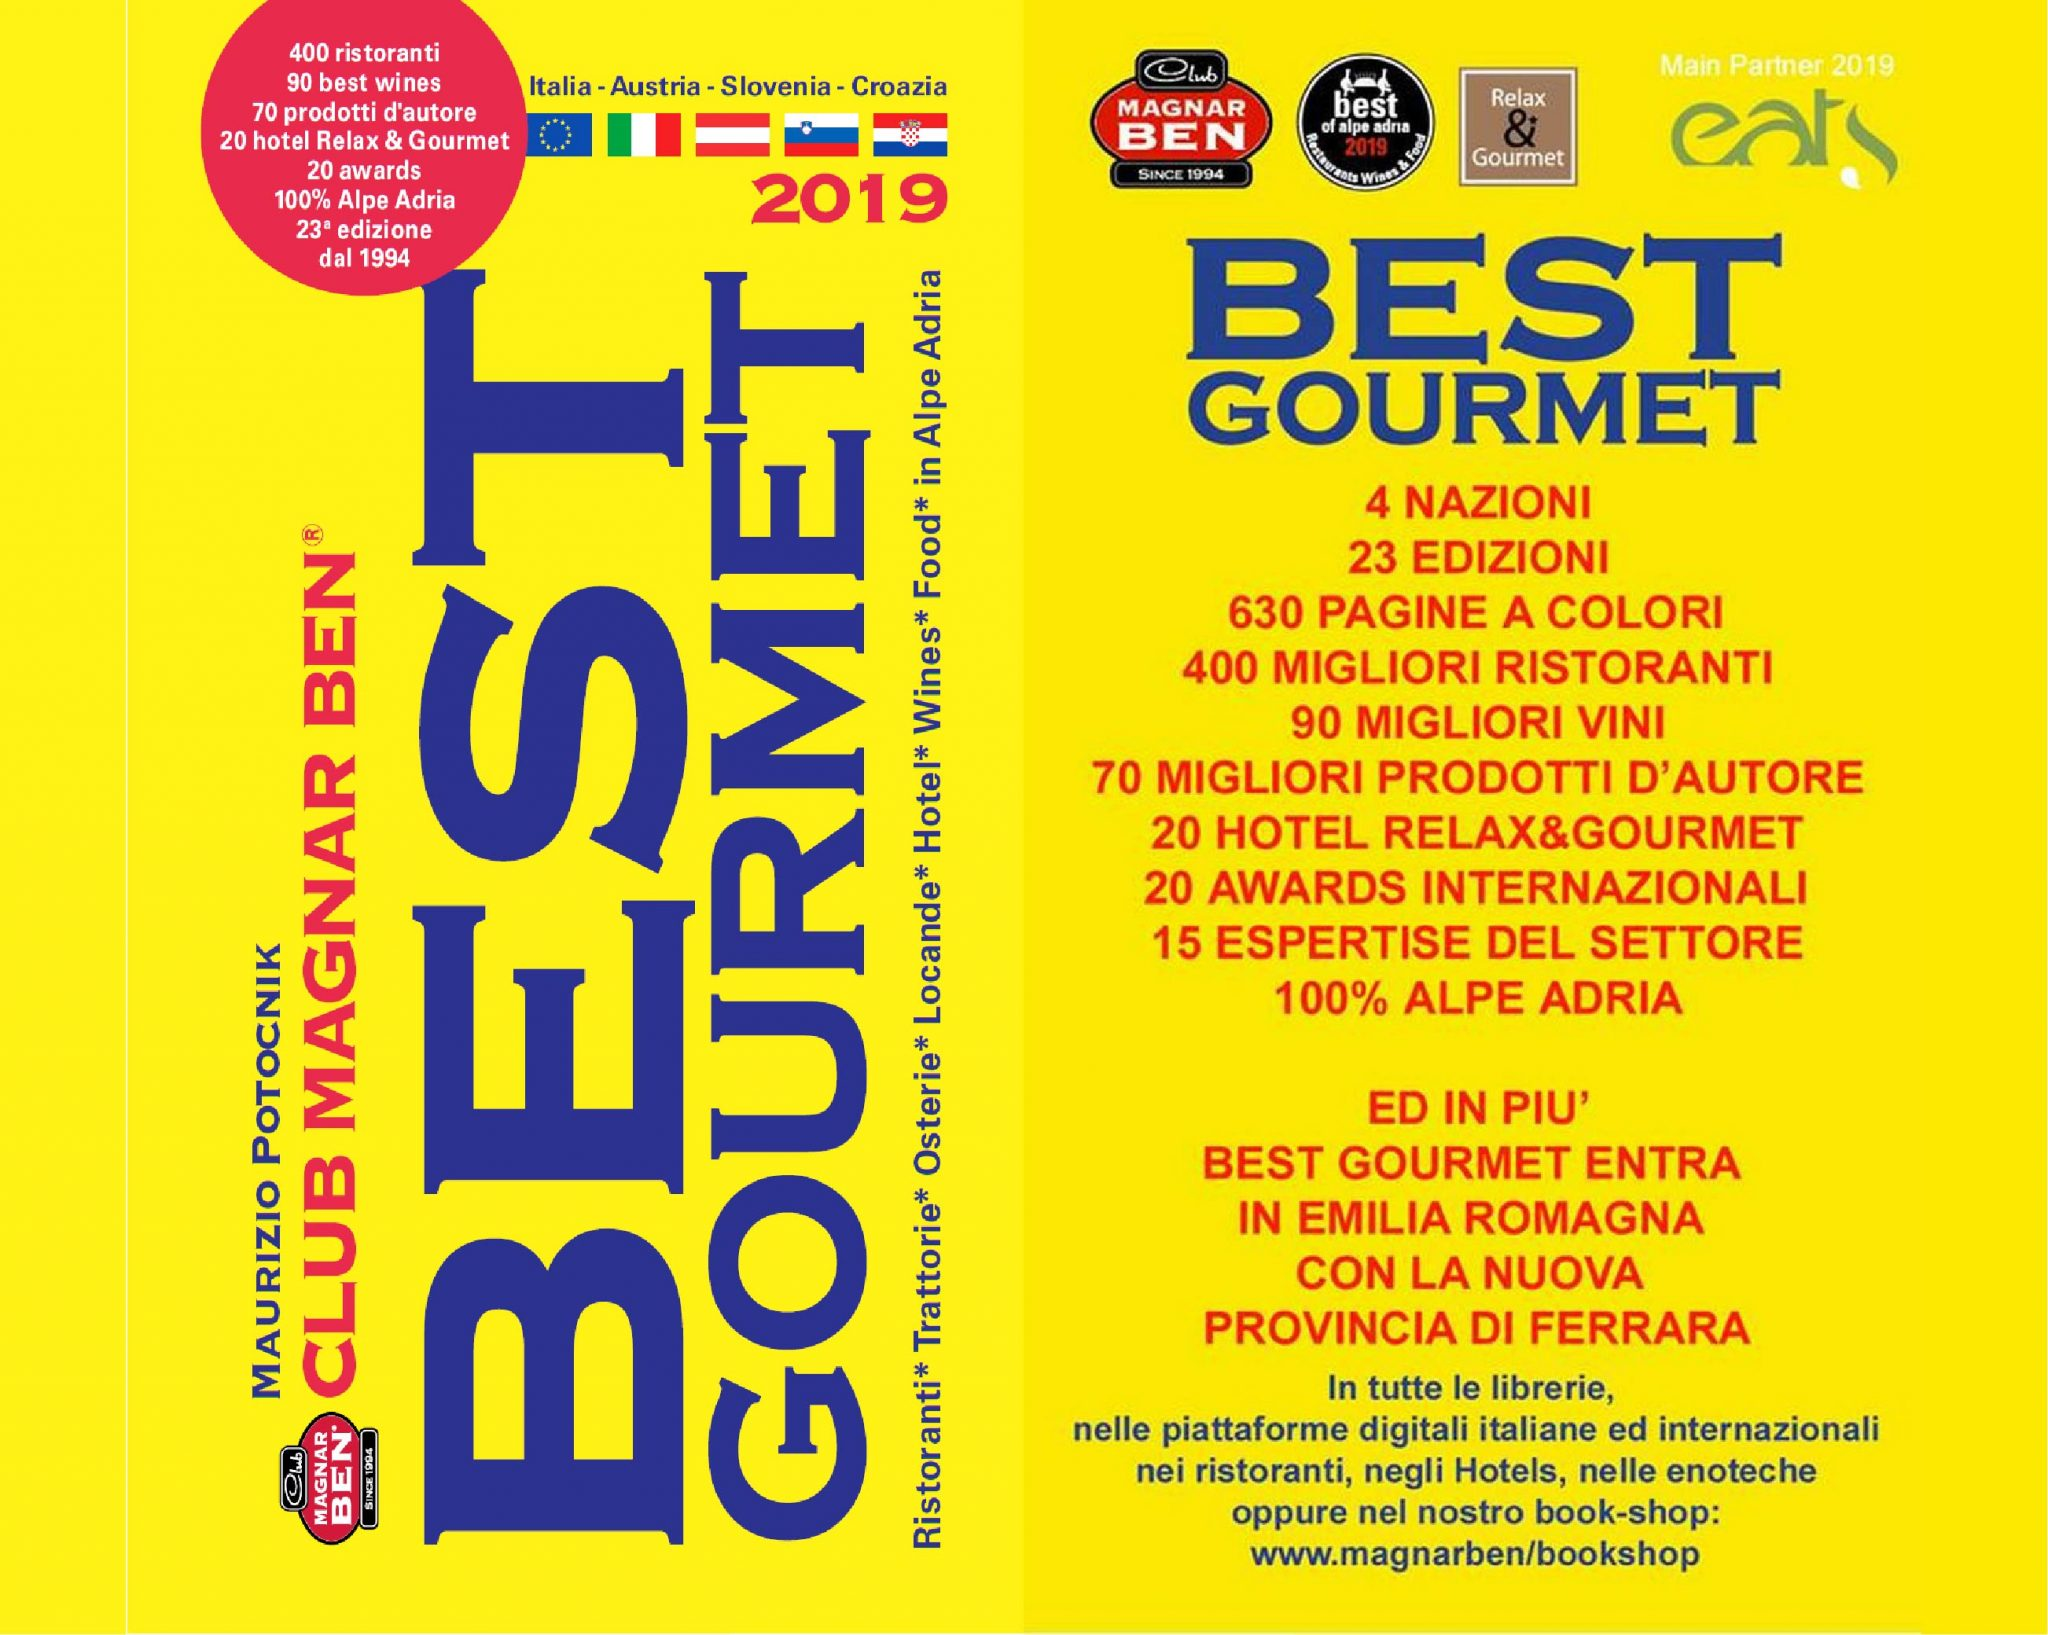 Best Gourmet 2019